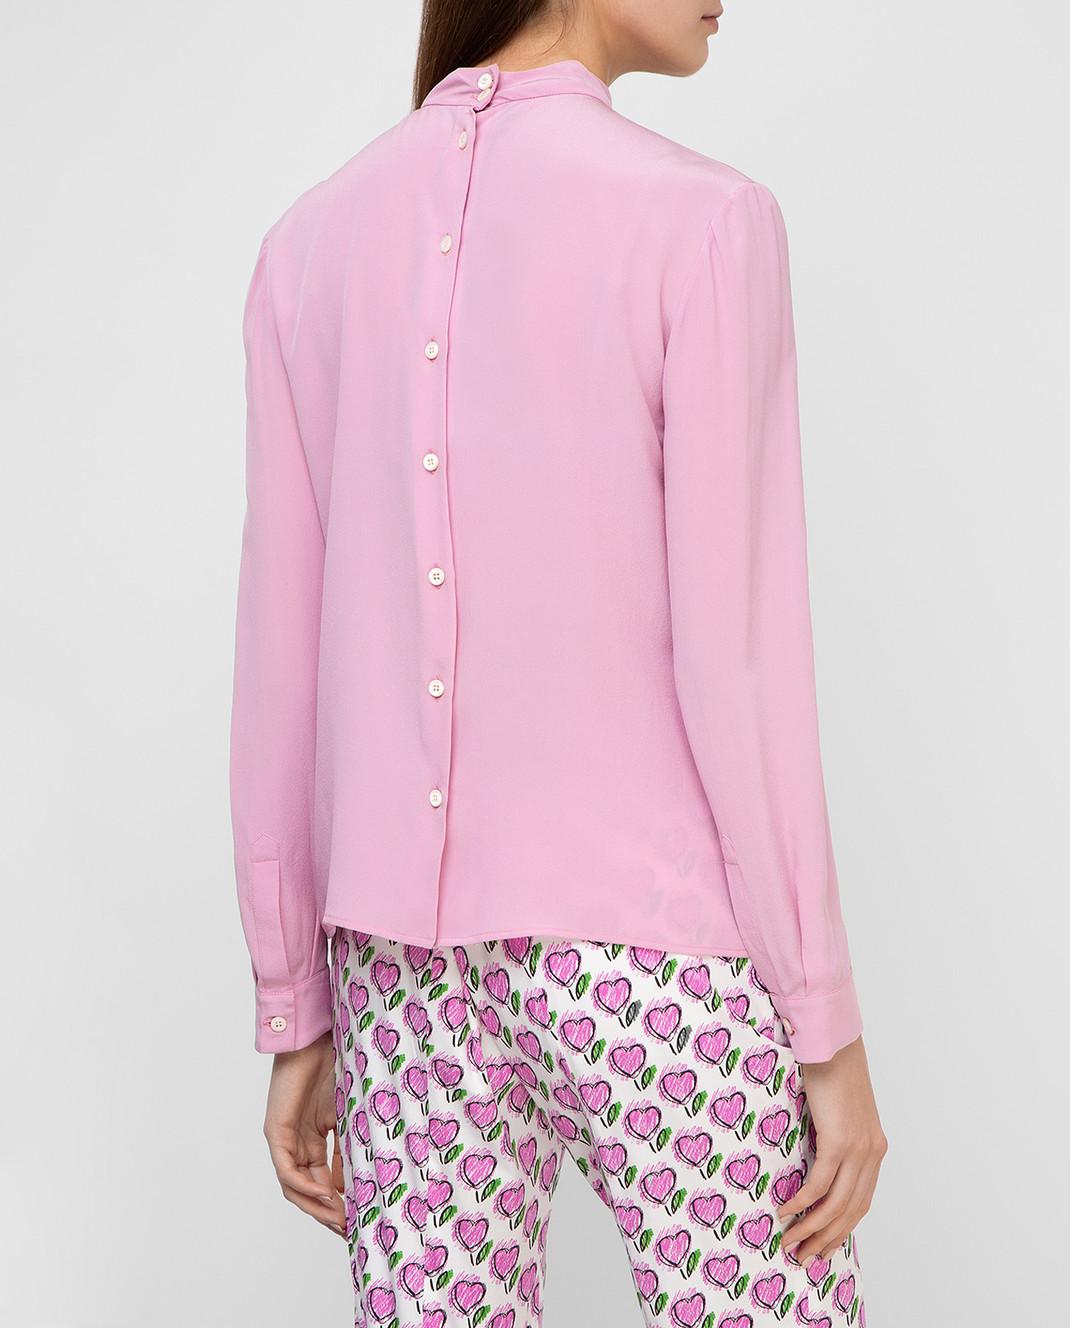 Prada Розовая блуза из шелка P970C изображение 4